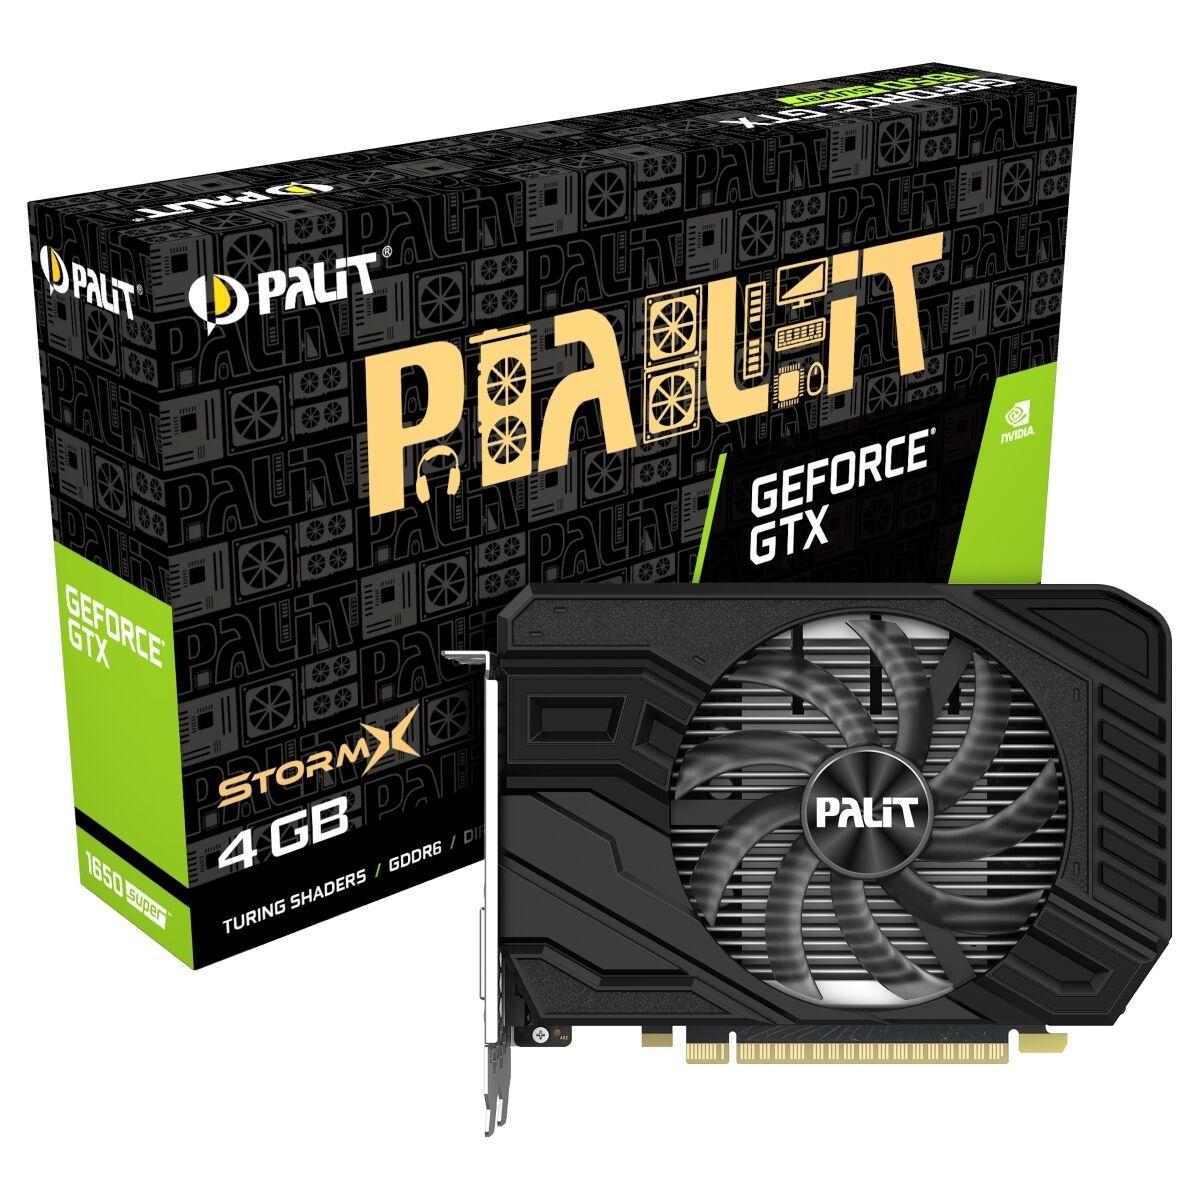 [notebooksbilliger / Mastercard] Palit GeForce GTX 1650 Super (neue Serie) [100W] - 4GB GDDR6 Grafikkarte - DisplayPort/HDMI/DVI